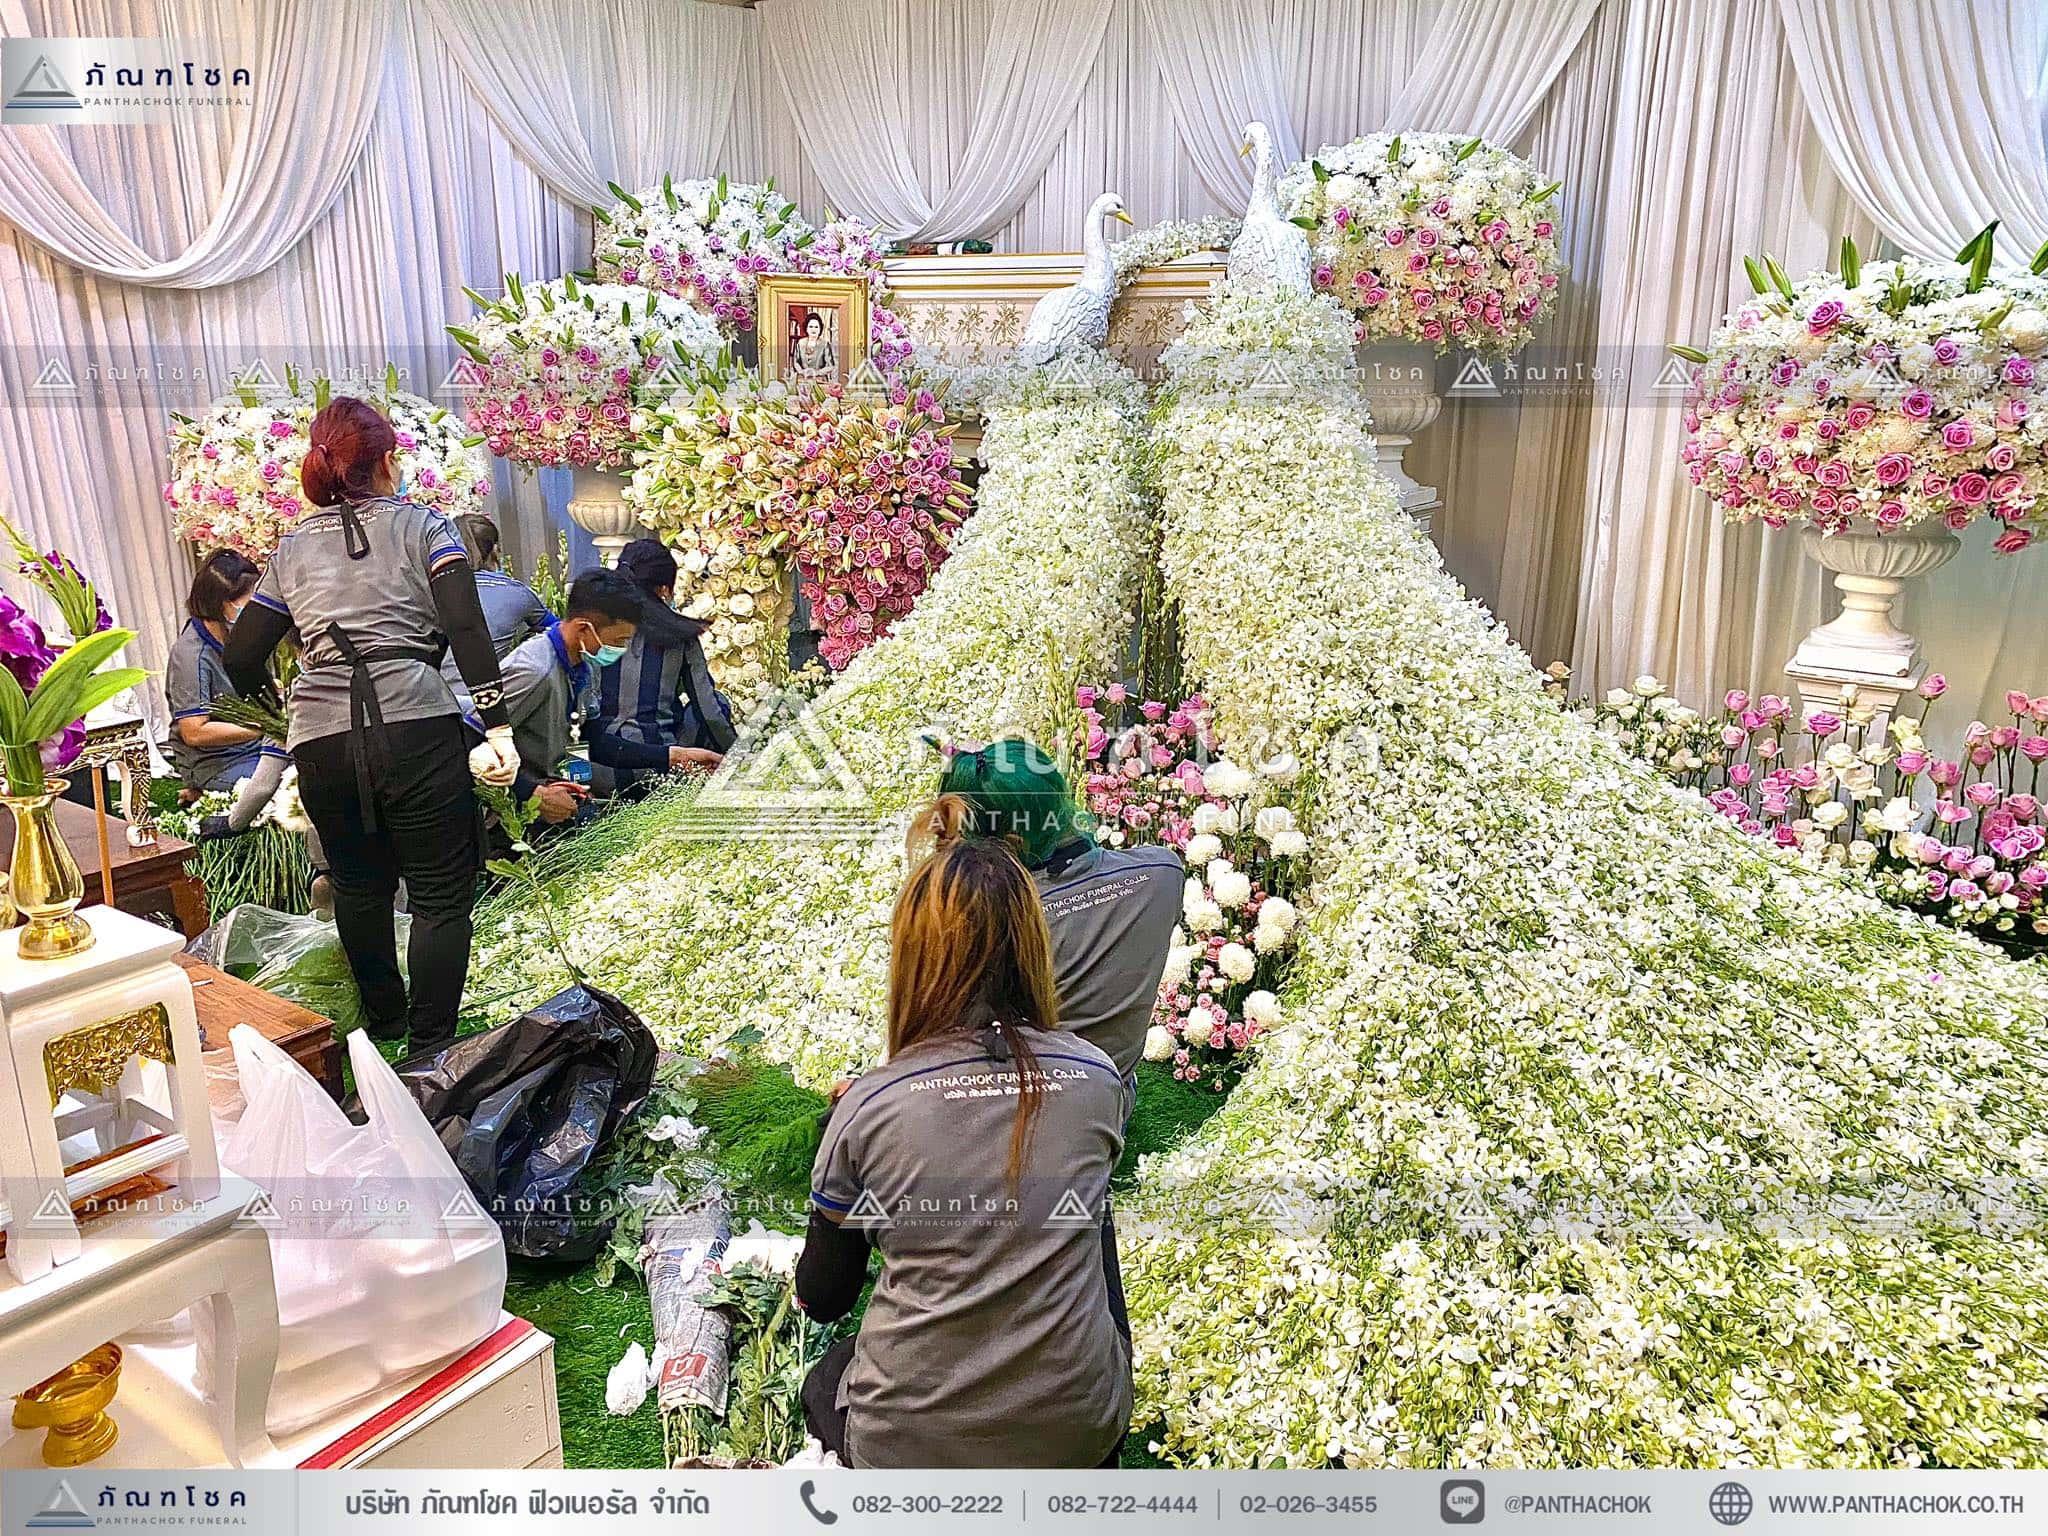 ดอกไม้สดหน้าศพกรุงเทพแบบหรูหรา ดอกไม้งานศพ รับจัดงานศพ ดอกไม้สดหน้าศพสวยหรู